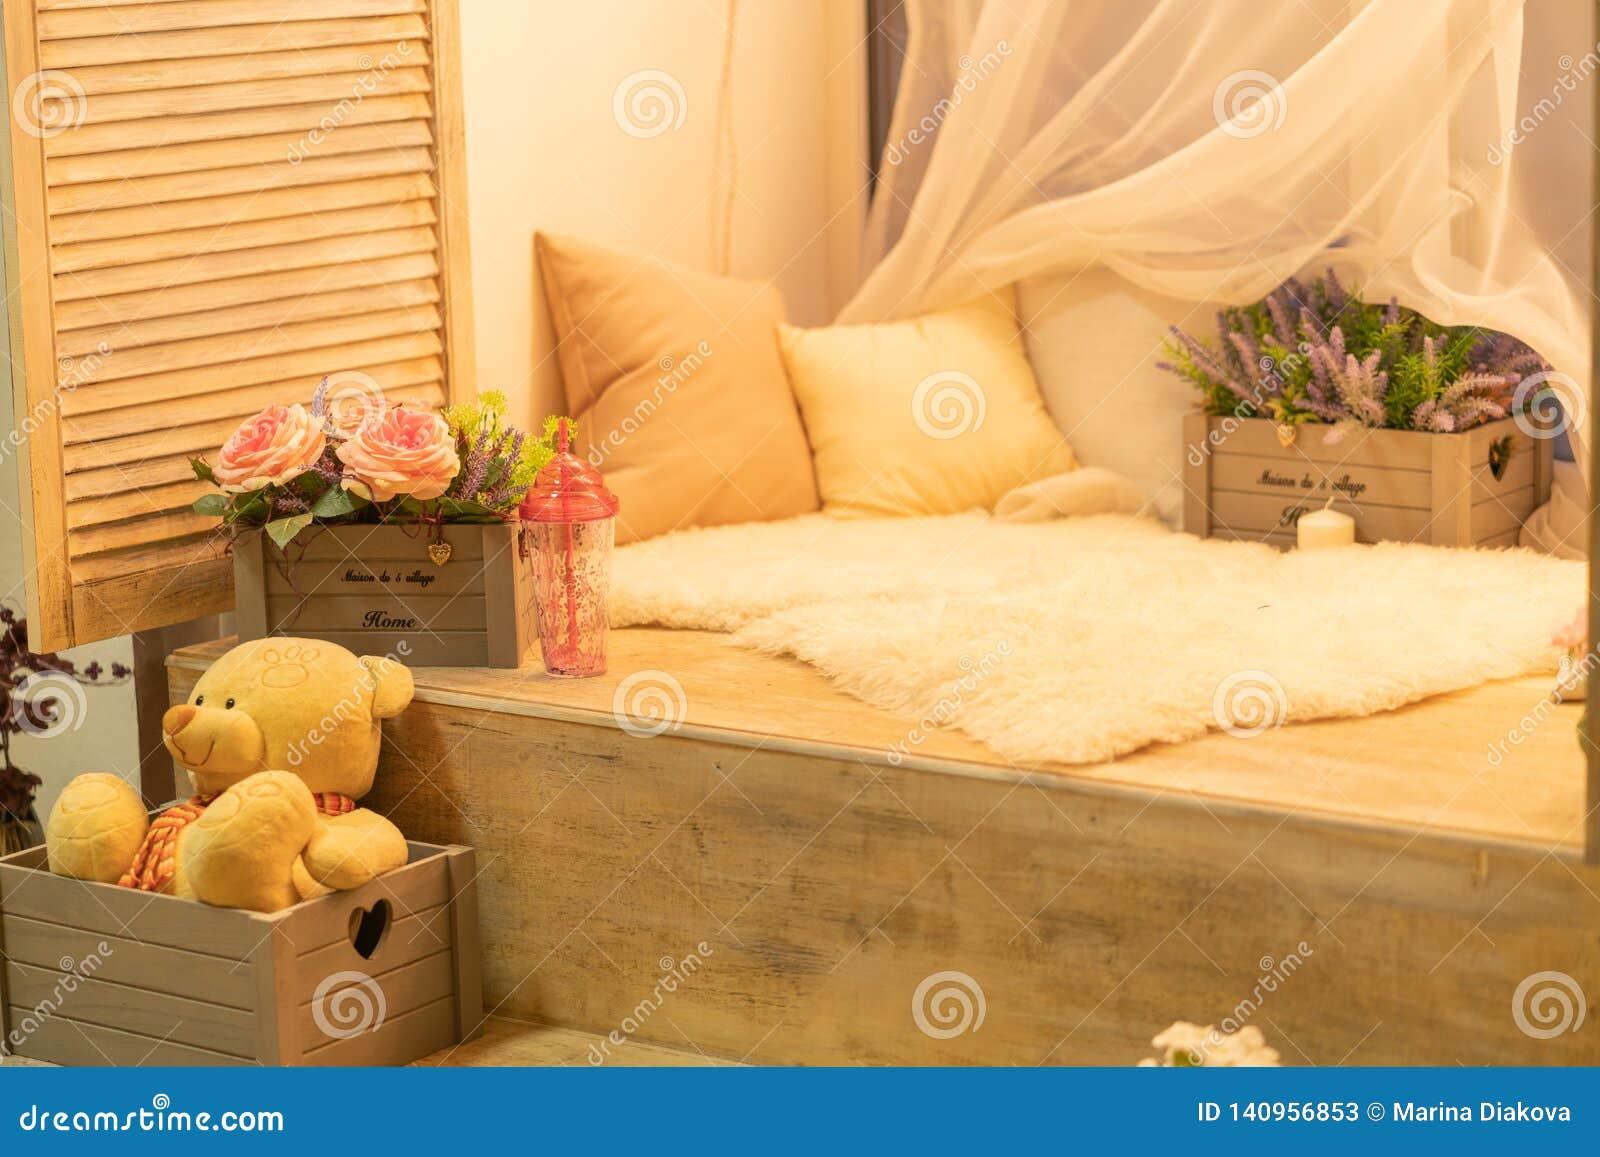 Windowsill с подушками, белым мехом, плюшевым мишкой и цветками никто